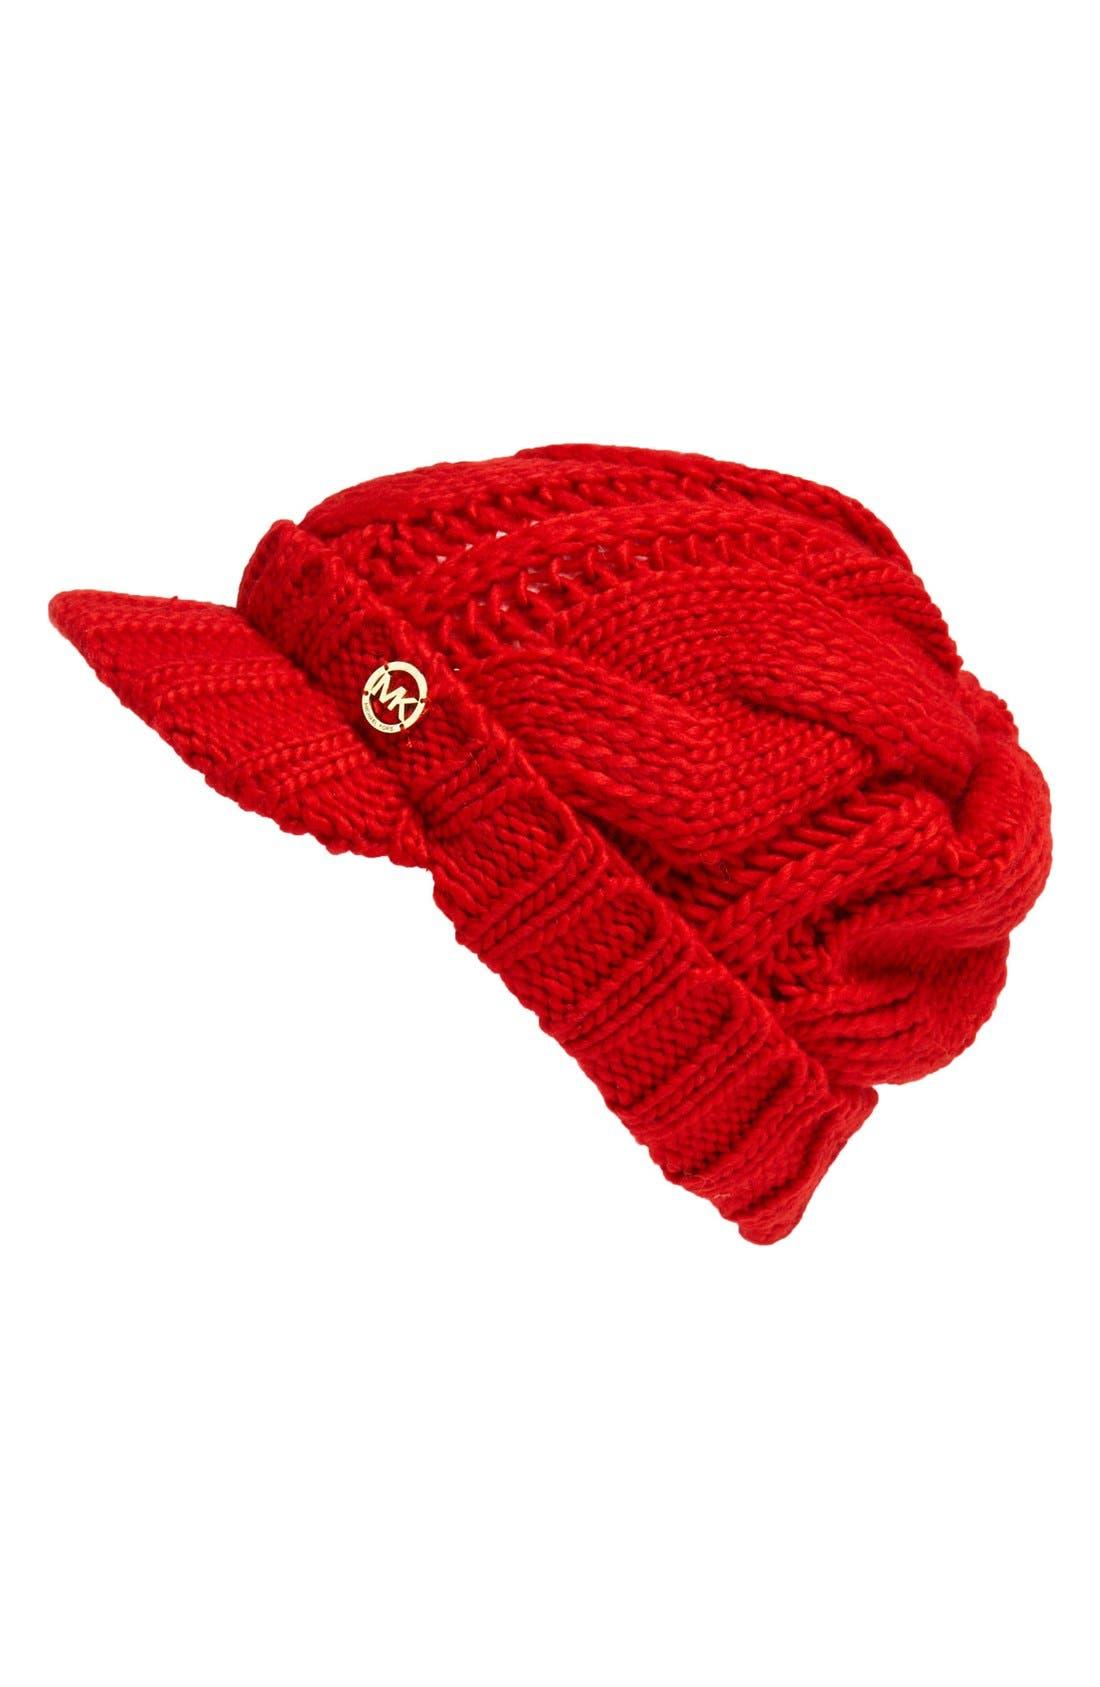 Alternate Image 1 Selected - MICHAEL Michael Kors 'Peak' Hat